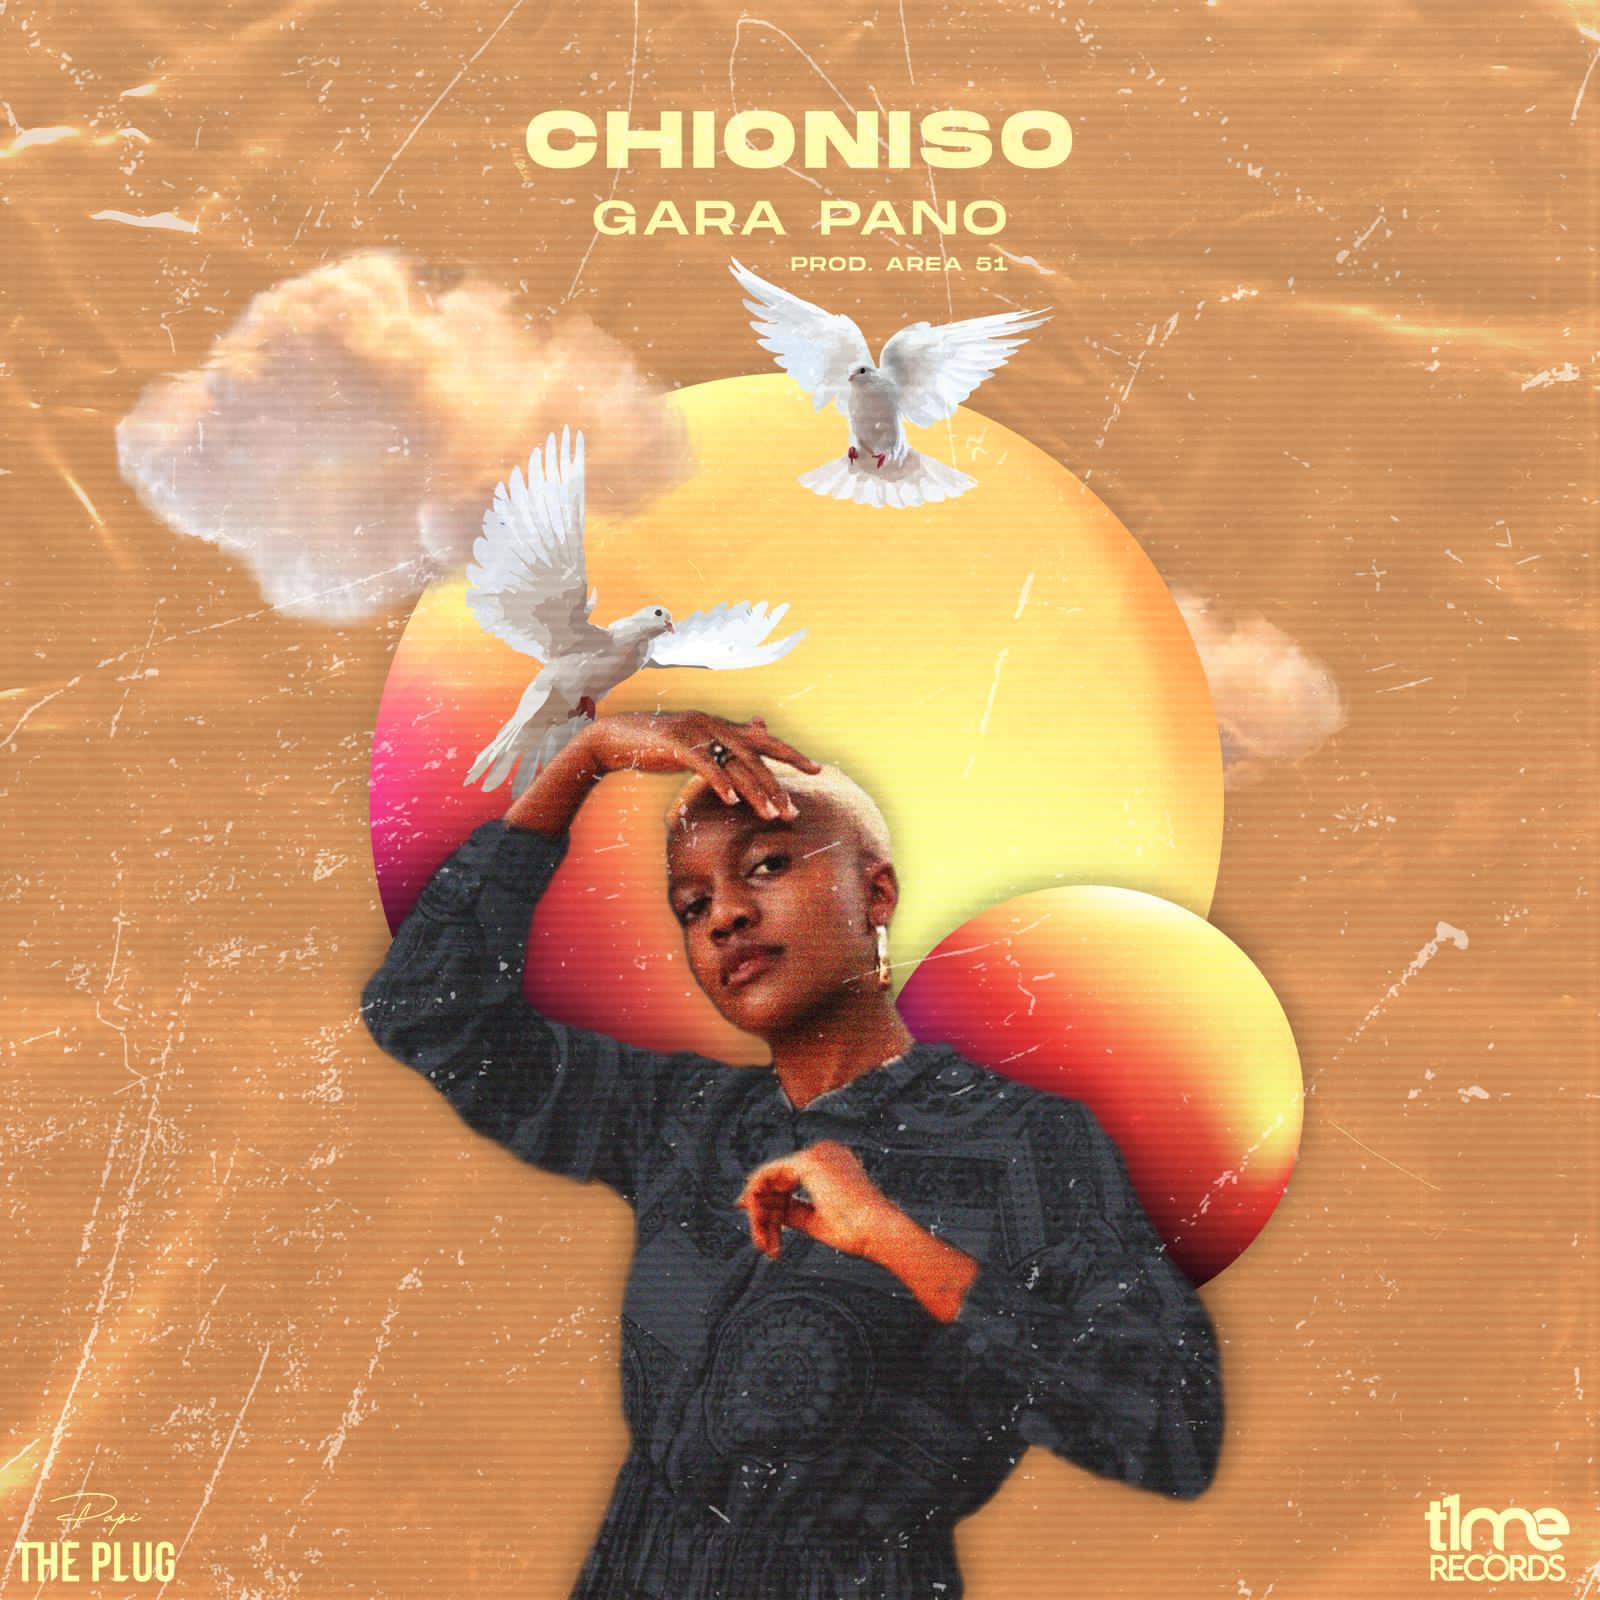 New Music: Chioniso - Gara Pano